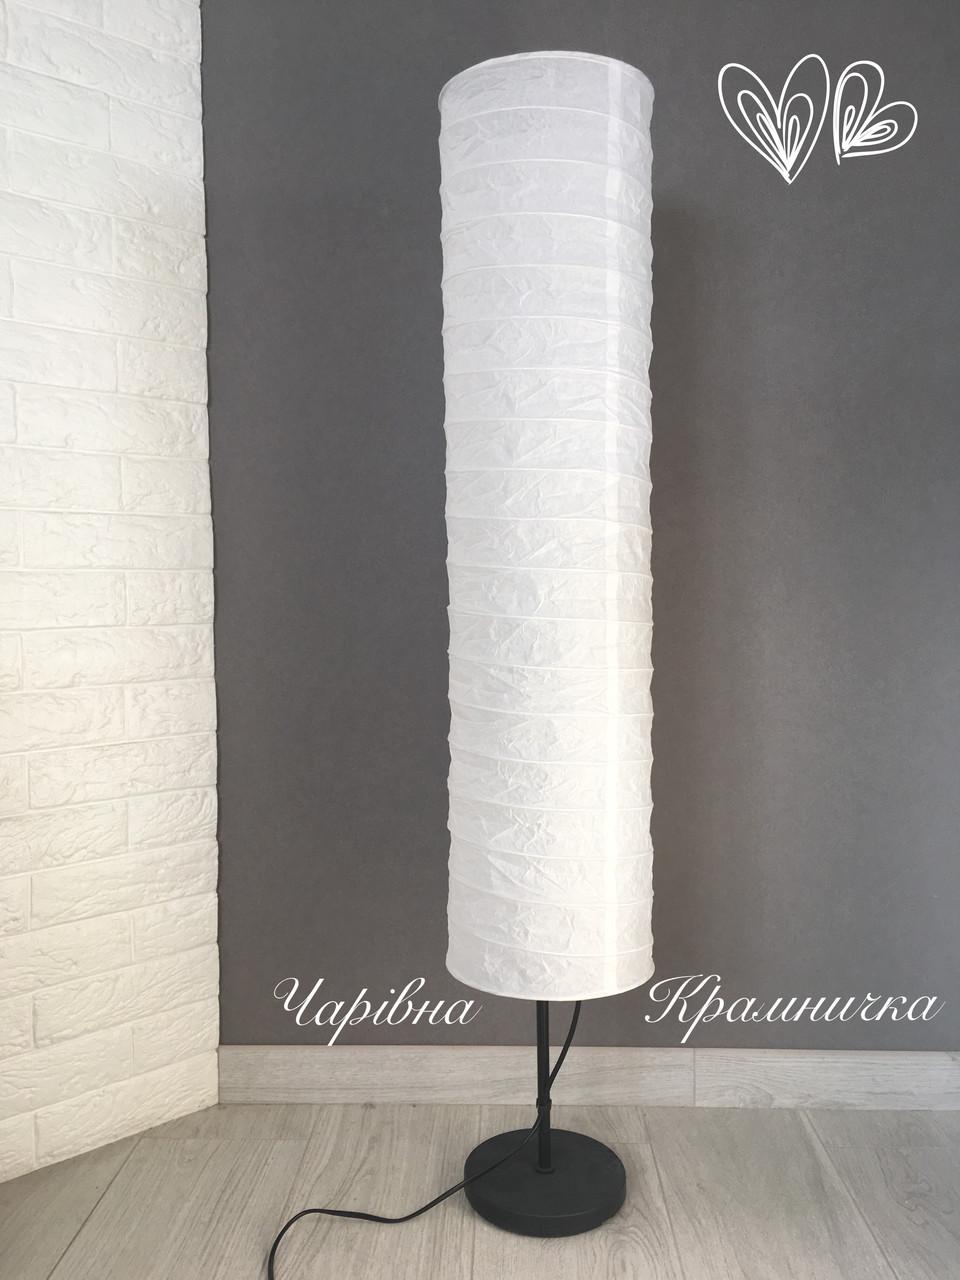 Напольный бумажный торшер - Чарівна Крамничка - интернет магазин подарков и декора в Белой Церкви